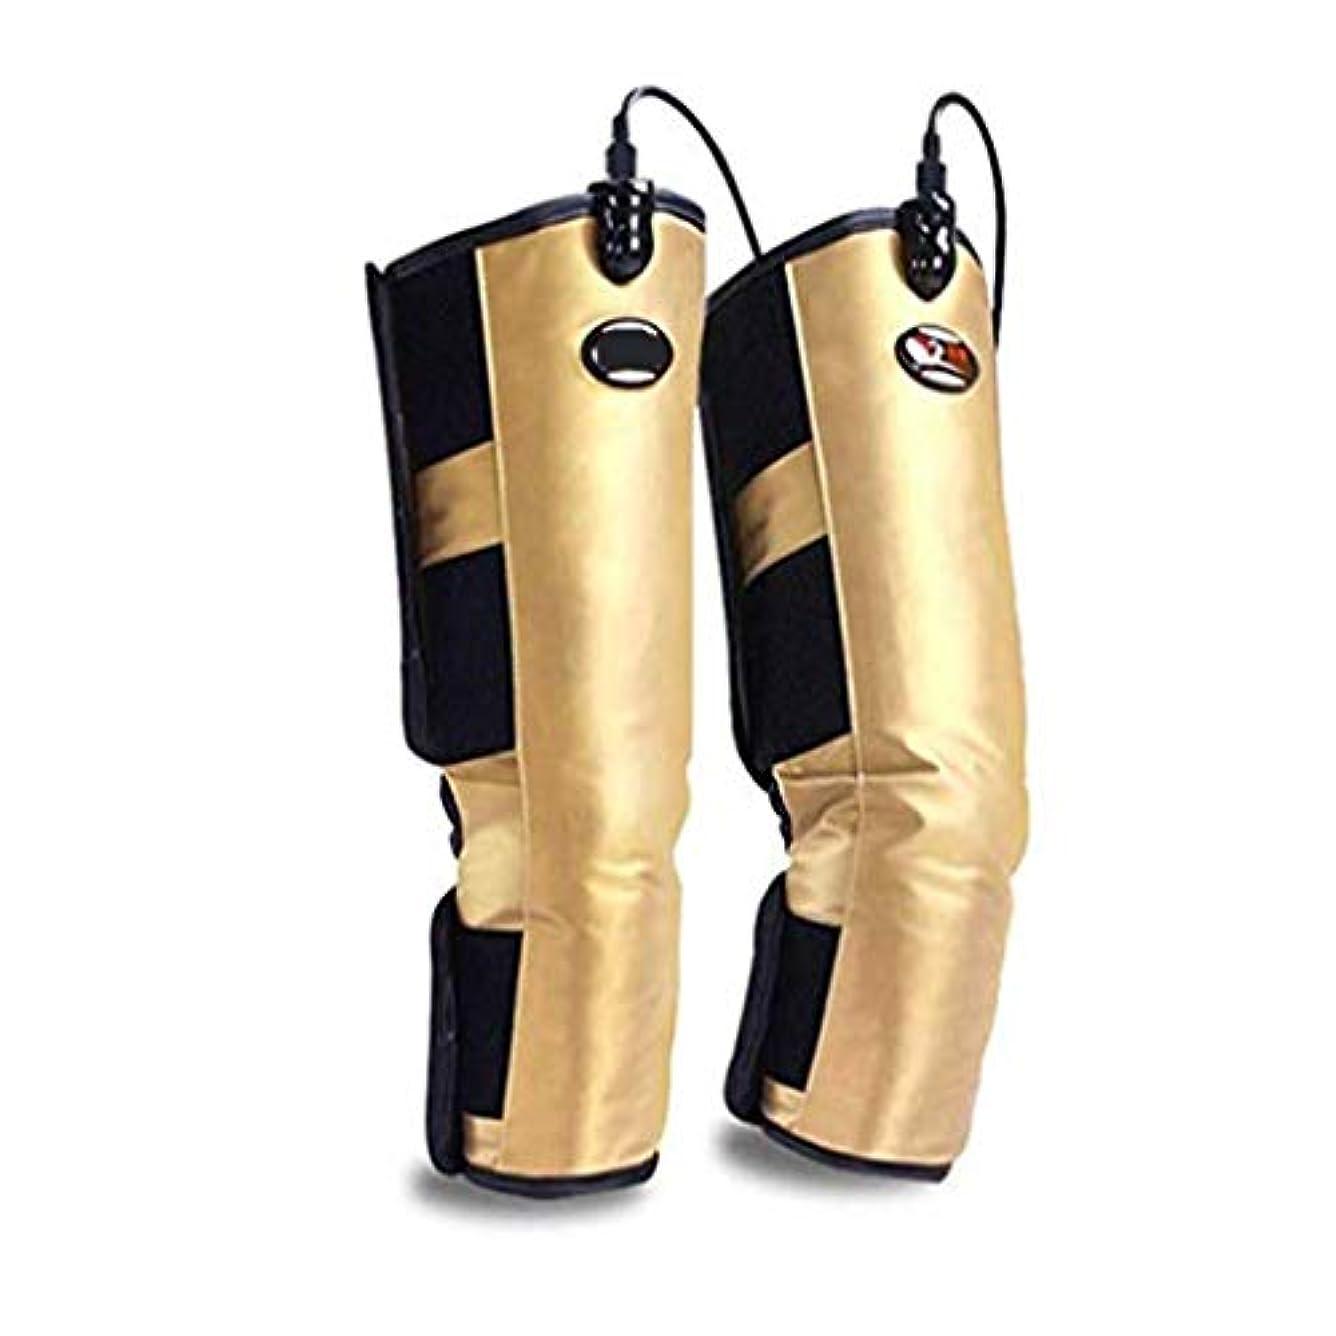 有益キャリッジ才能のある膝レギンス用電気加熱パッド、膝ブレースラップサポート、脚循環用、膝捻挫痙攣関節炎の痛み